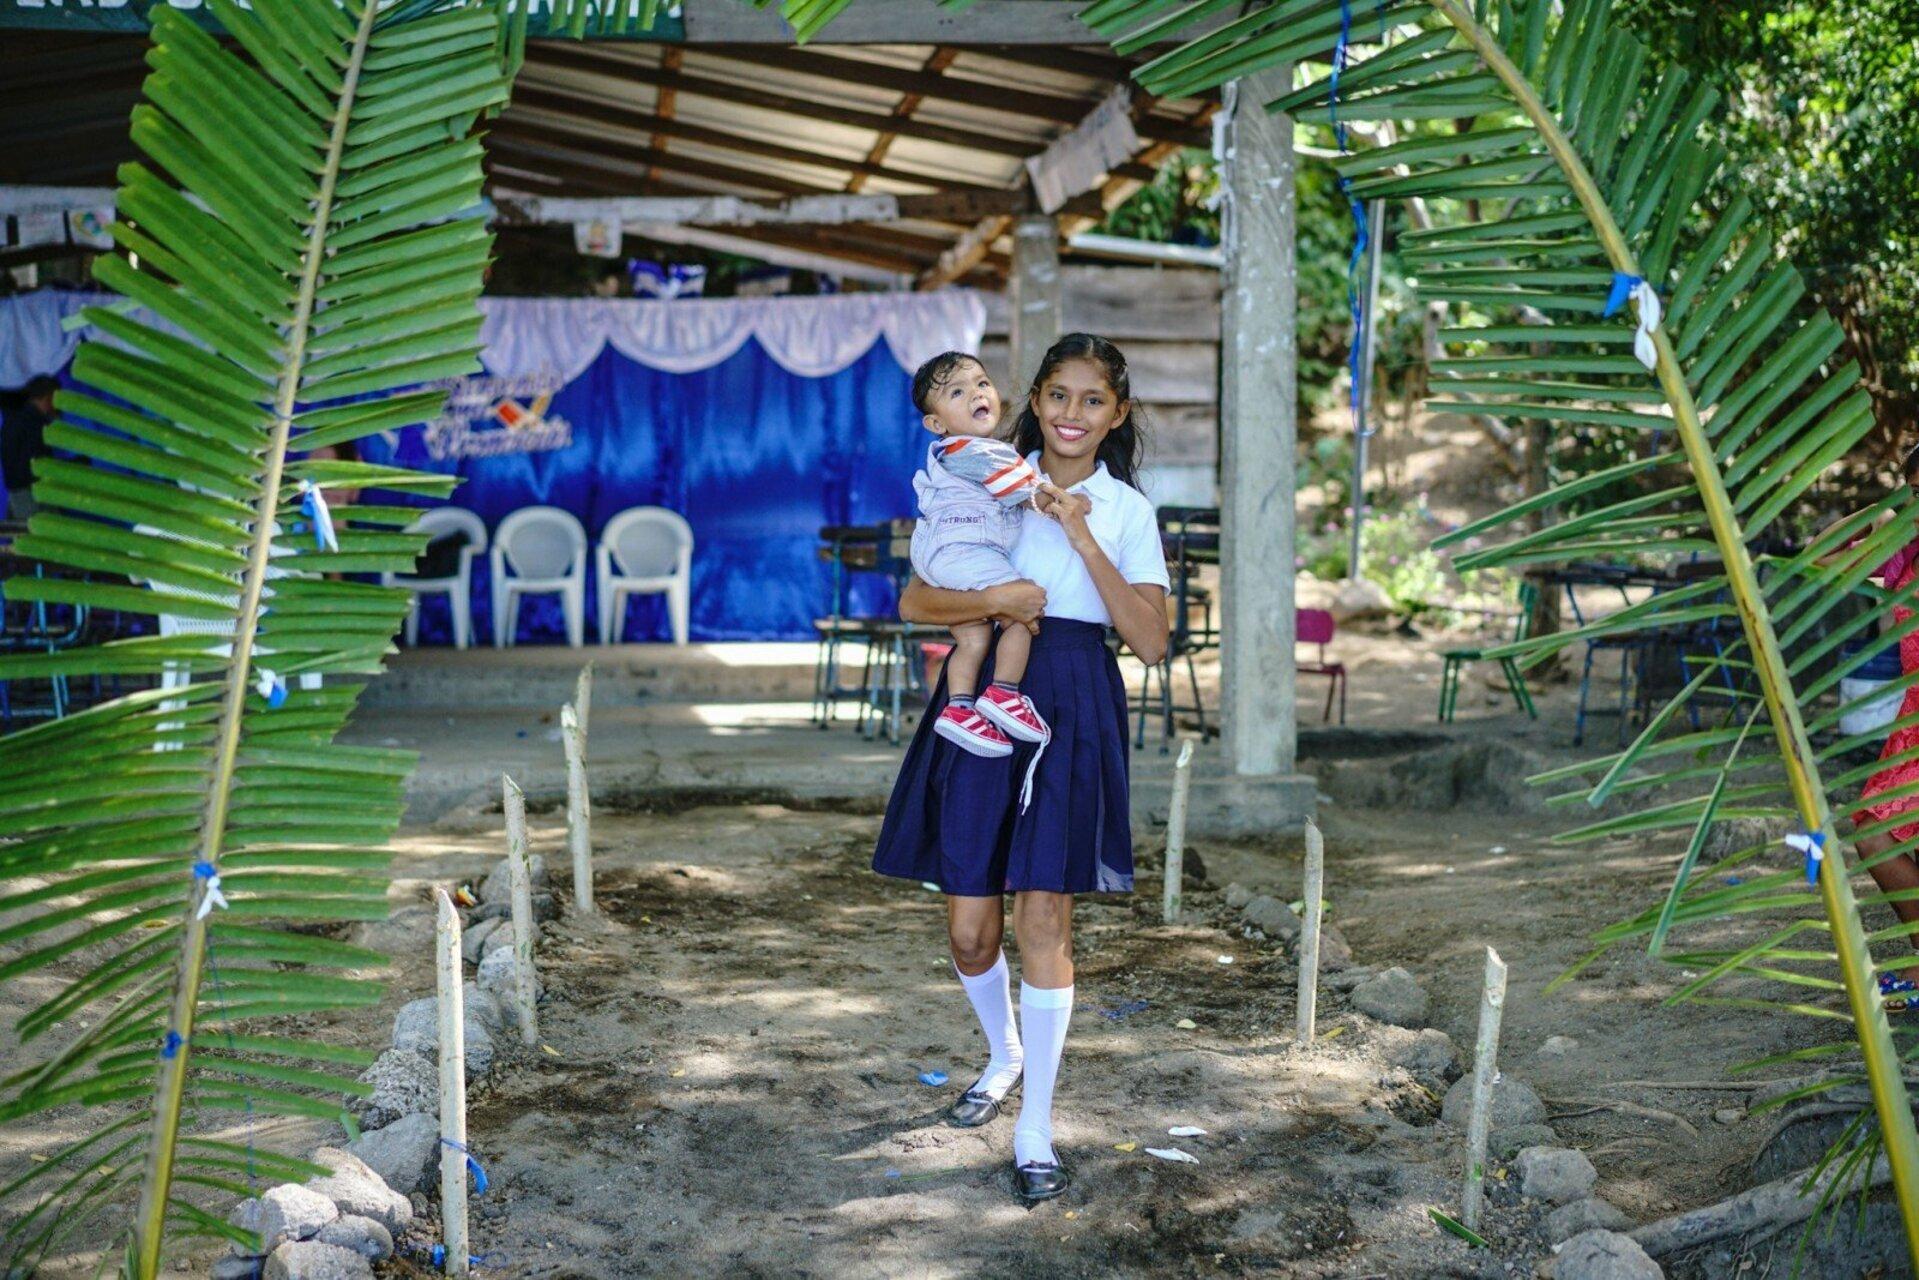 Муж бросил ее с 4 детьми, а она взяла и уехала волонтером в Гватемалу. Женщина-врач о том, как изменить свою жизнь